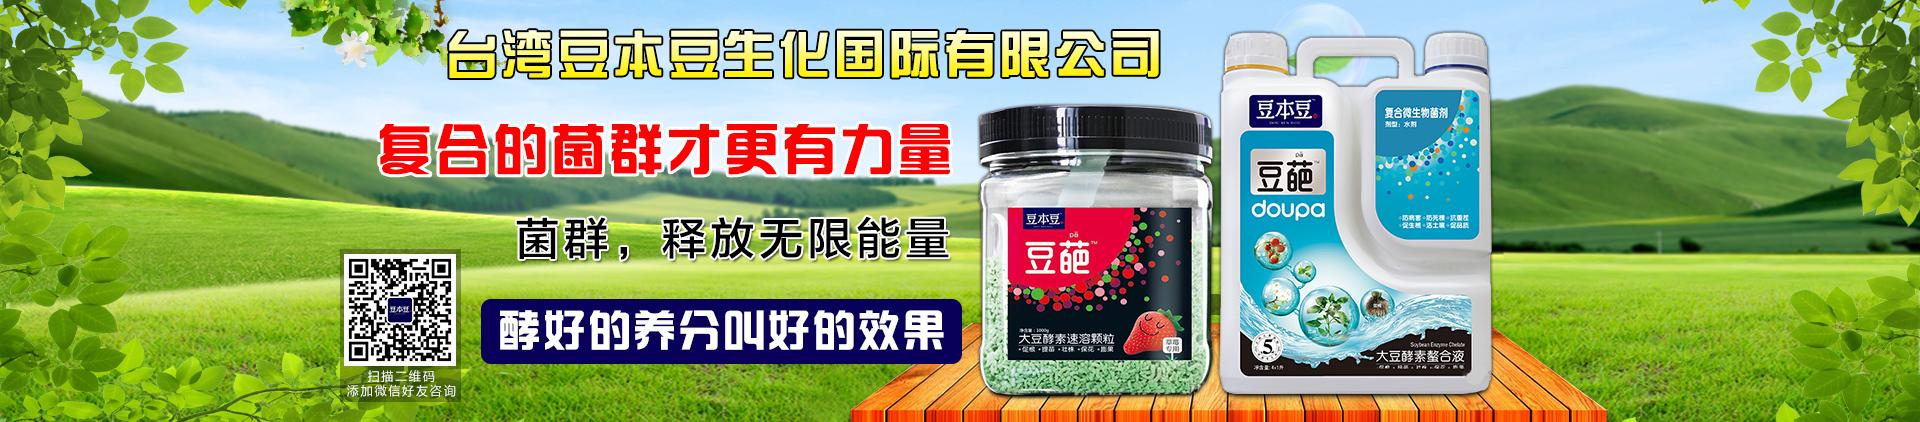 台湾豆本豆生化国际有限公司